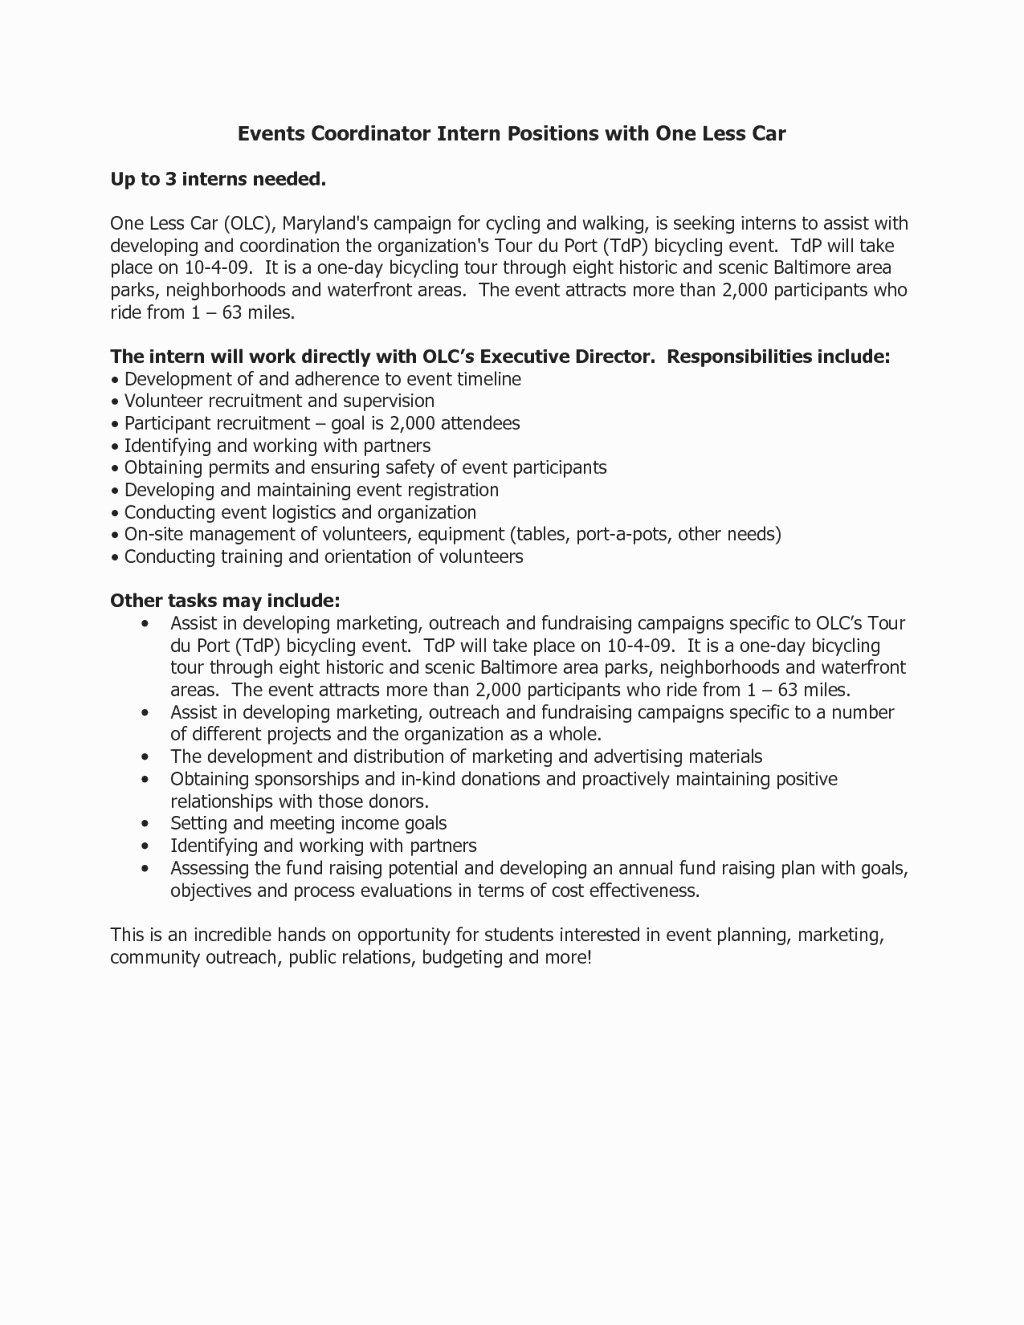 Sample Volunteer Recruitment Letter Fresh Wildland Firefighter Resume Sample Event Planning Quotes Cover Letter Sample Firefighter Jobs